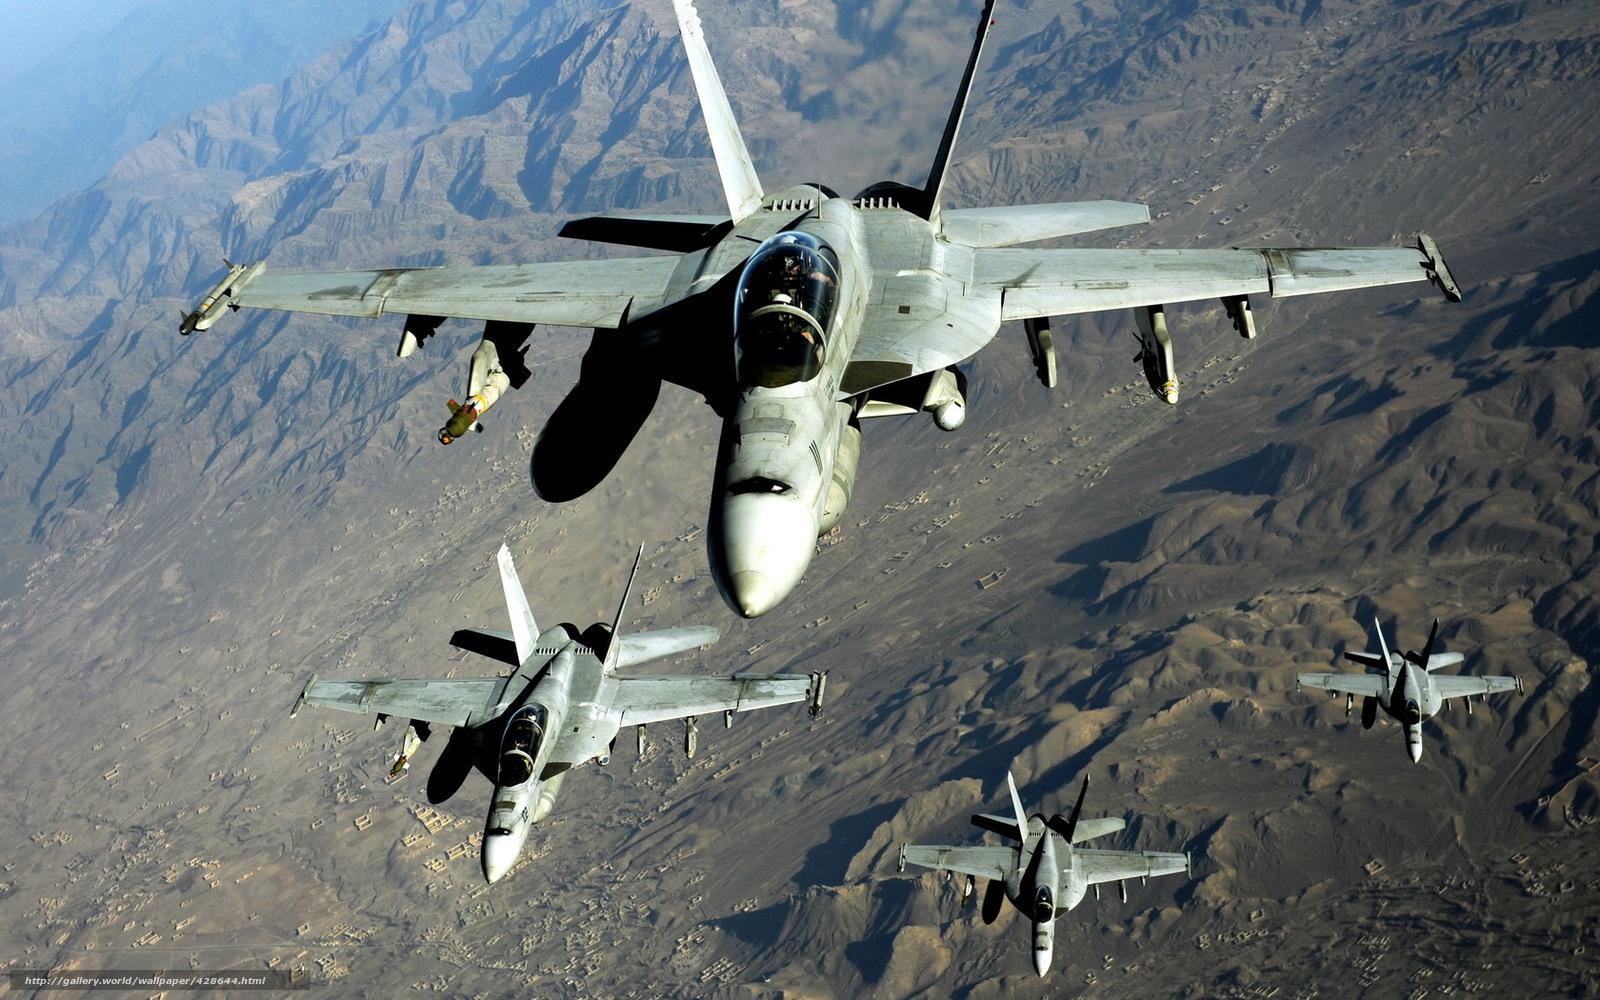 Скачать обои самолёты,  оружие,  авиация бесплатно для рабочего стола в разрешении 1680x1050 — картинка №428644